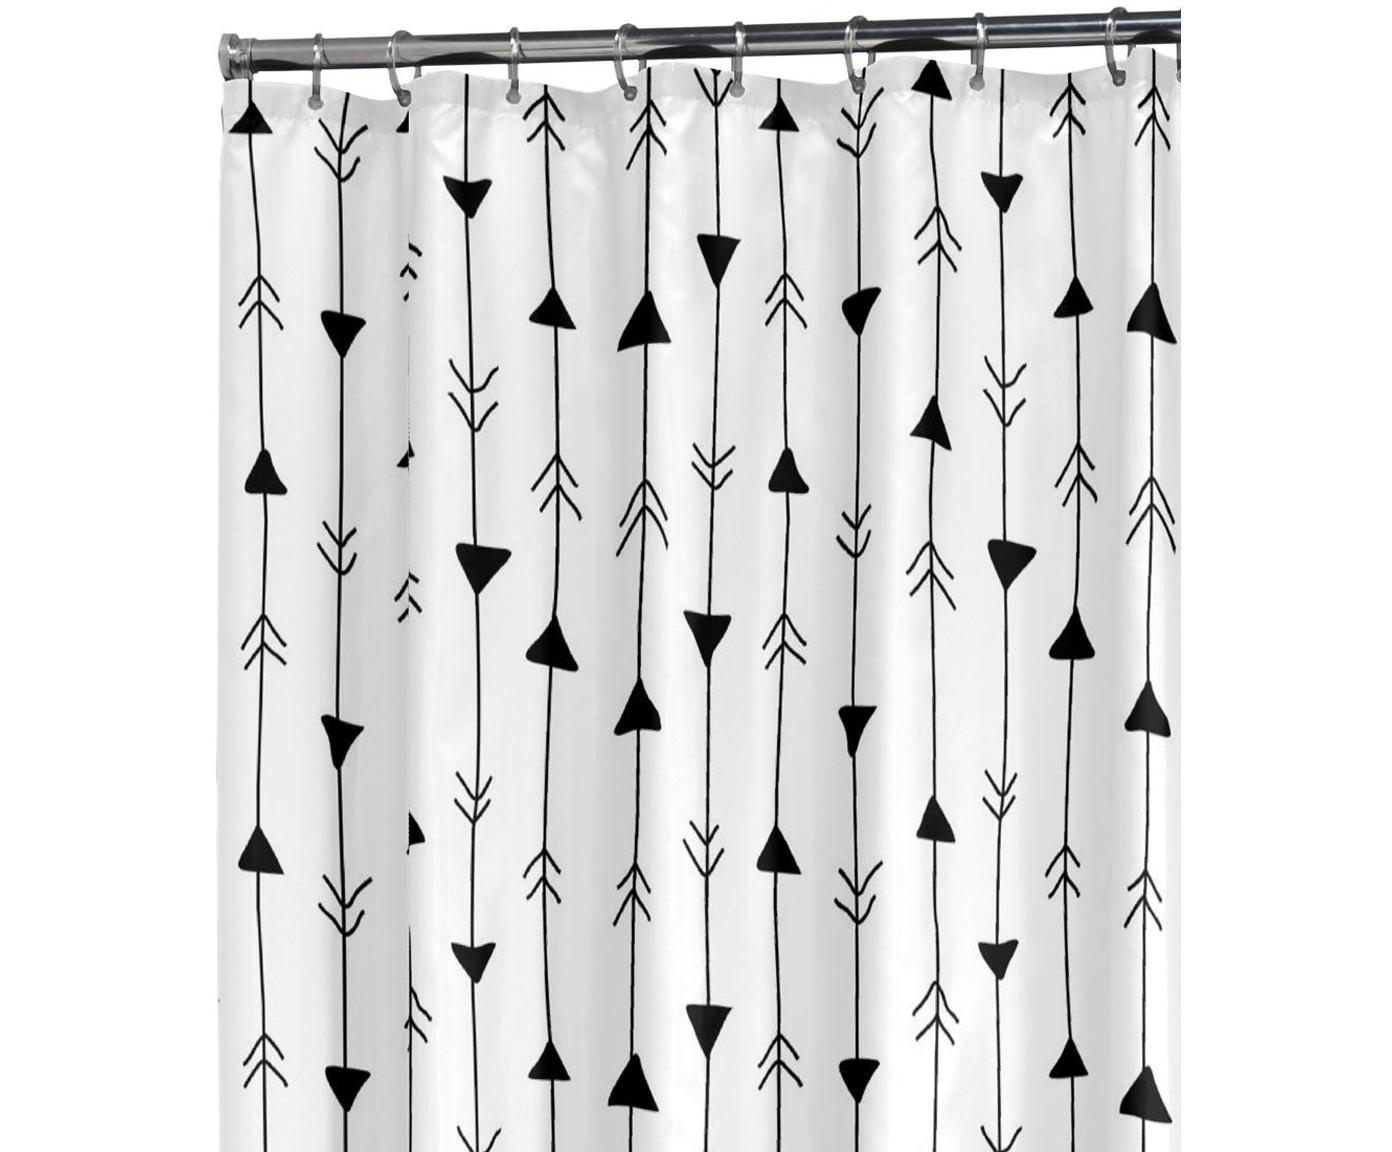 Douchegordijn met patroon Katie, Oogjes: metaal, Wit, zwart, 180 x 200 cm